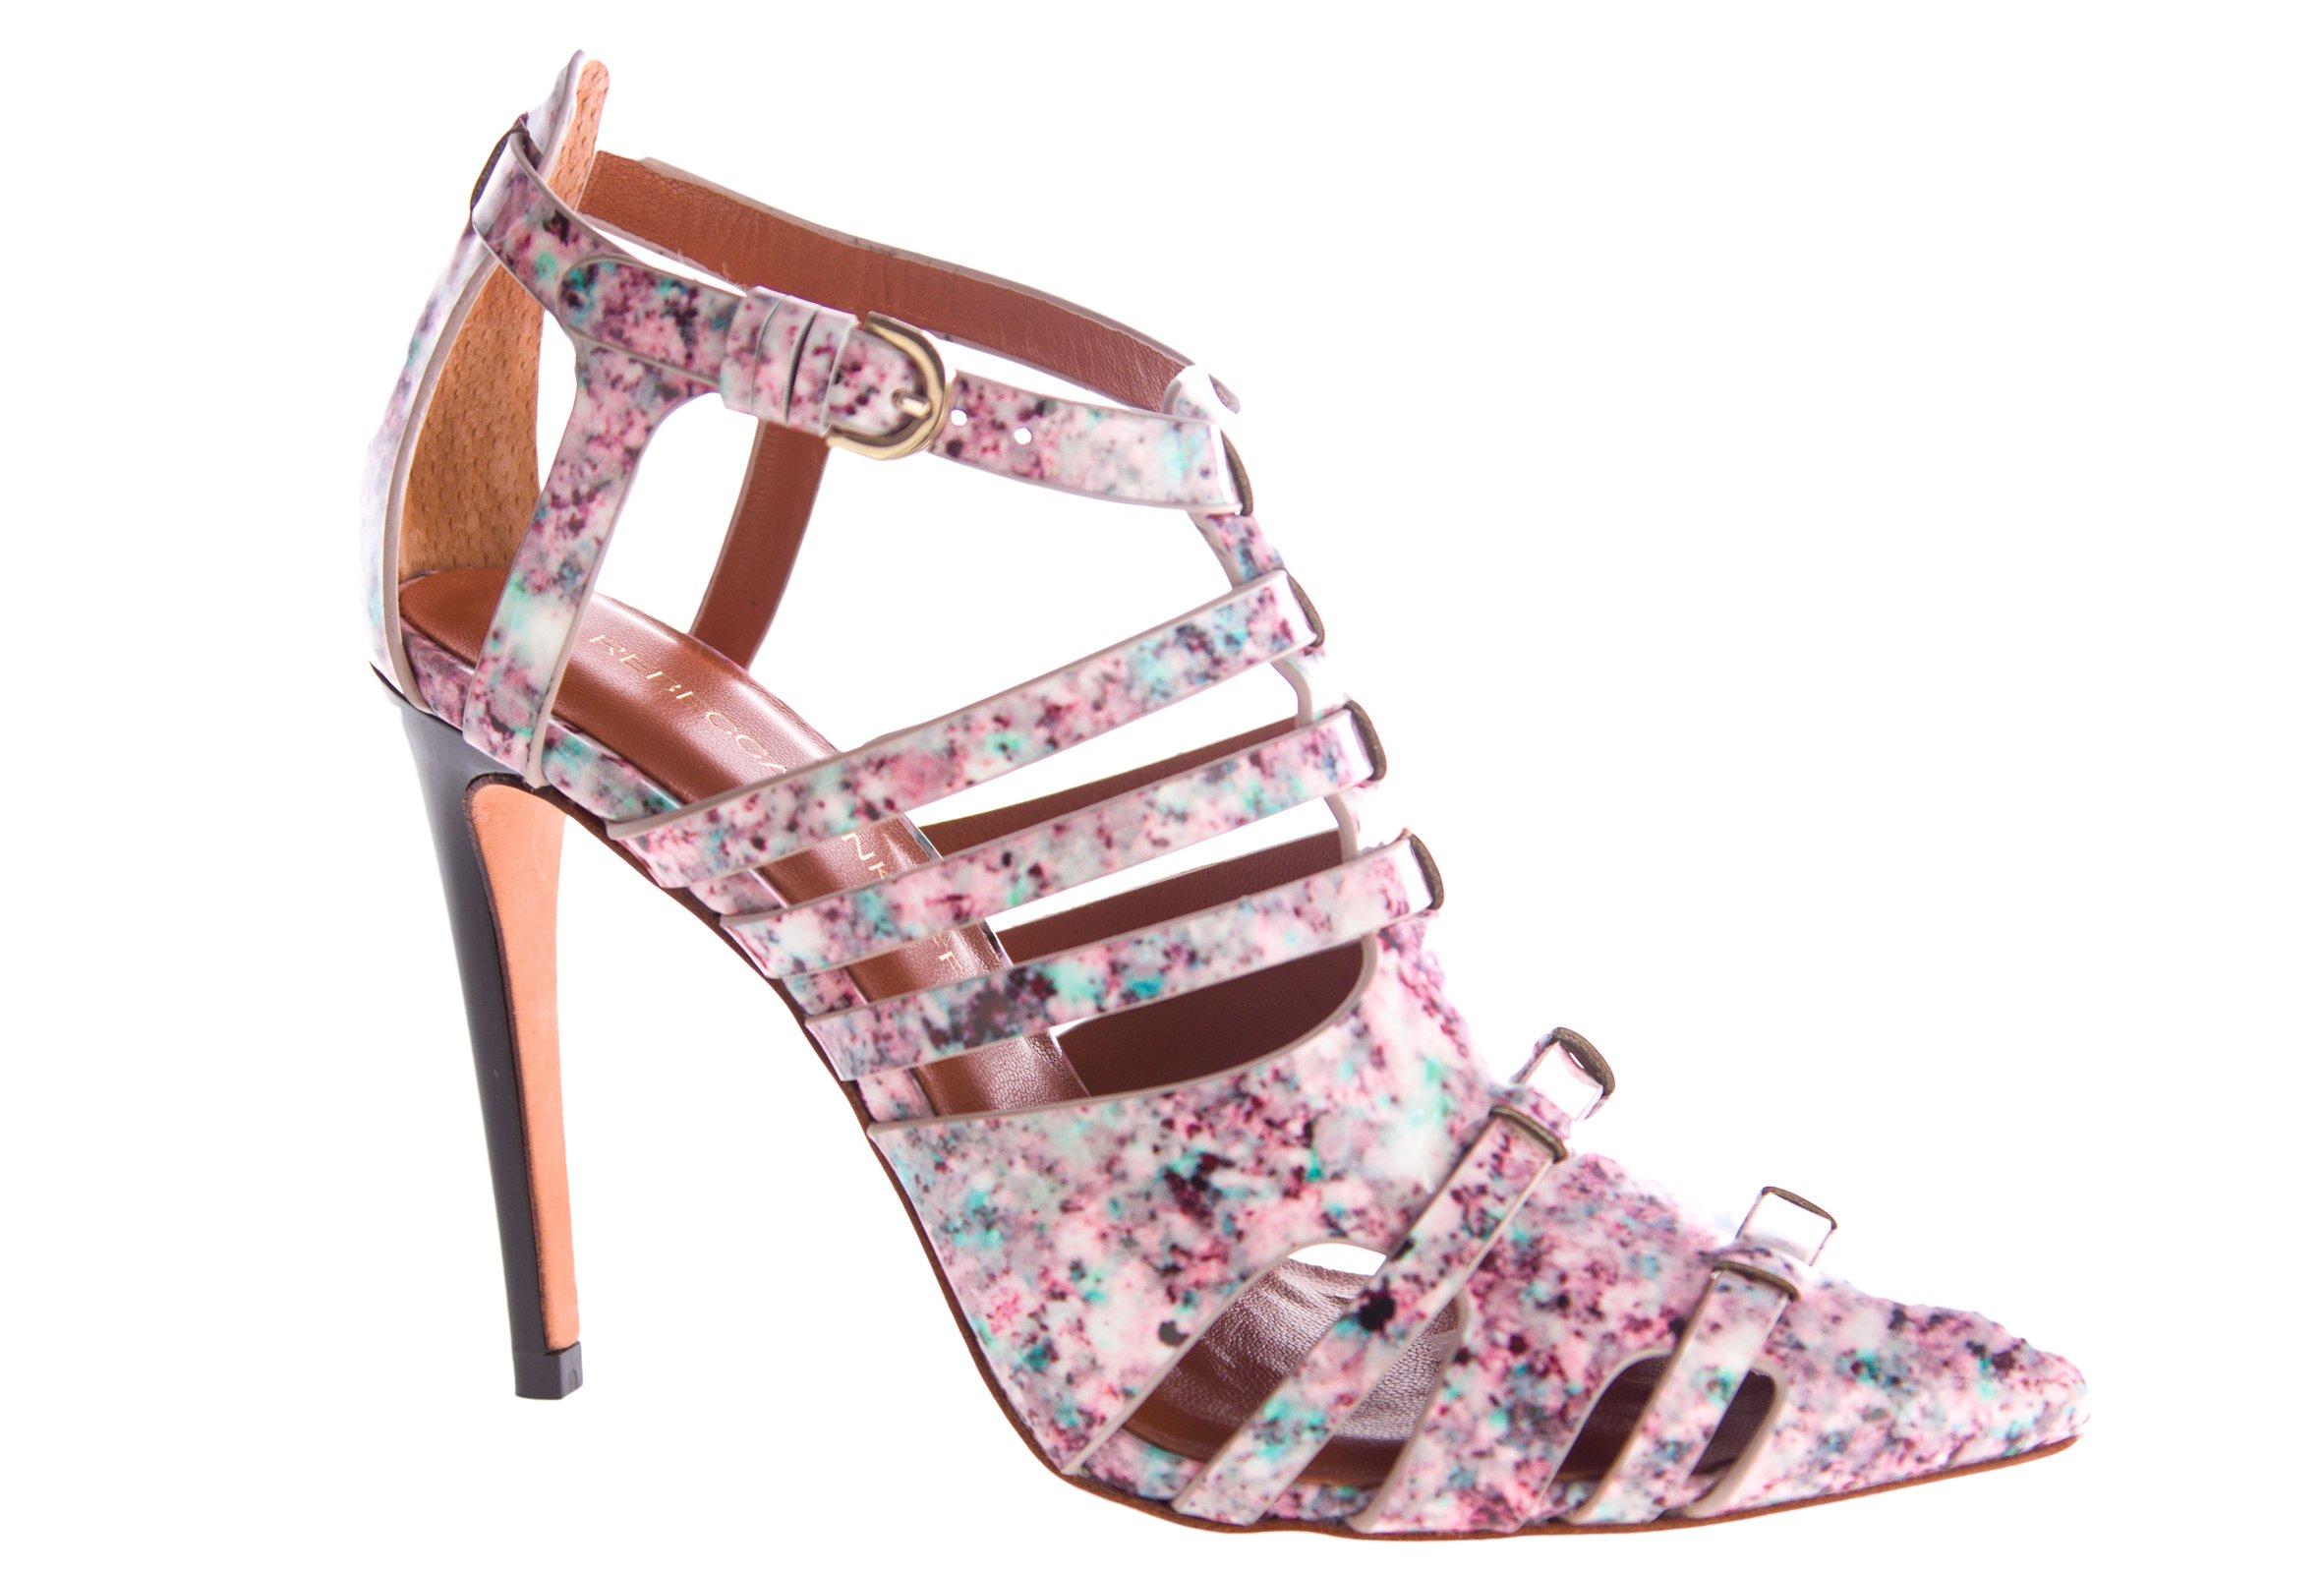 Rebecca Minkoff Women's Randi Floral Print Pumps 6.5 Pink Multi